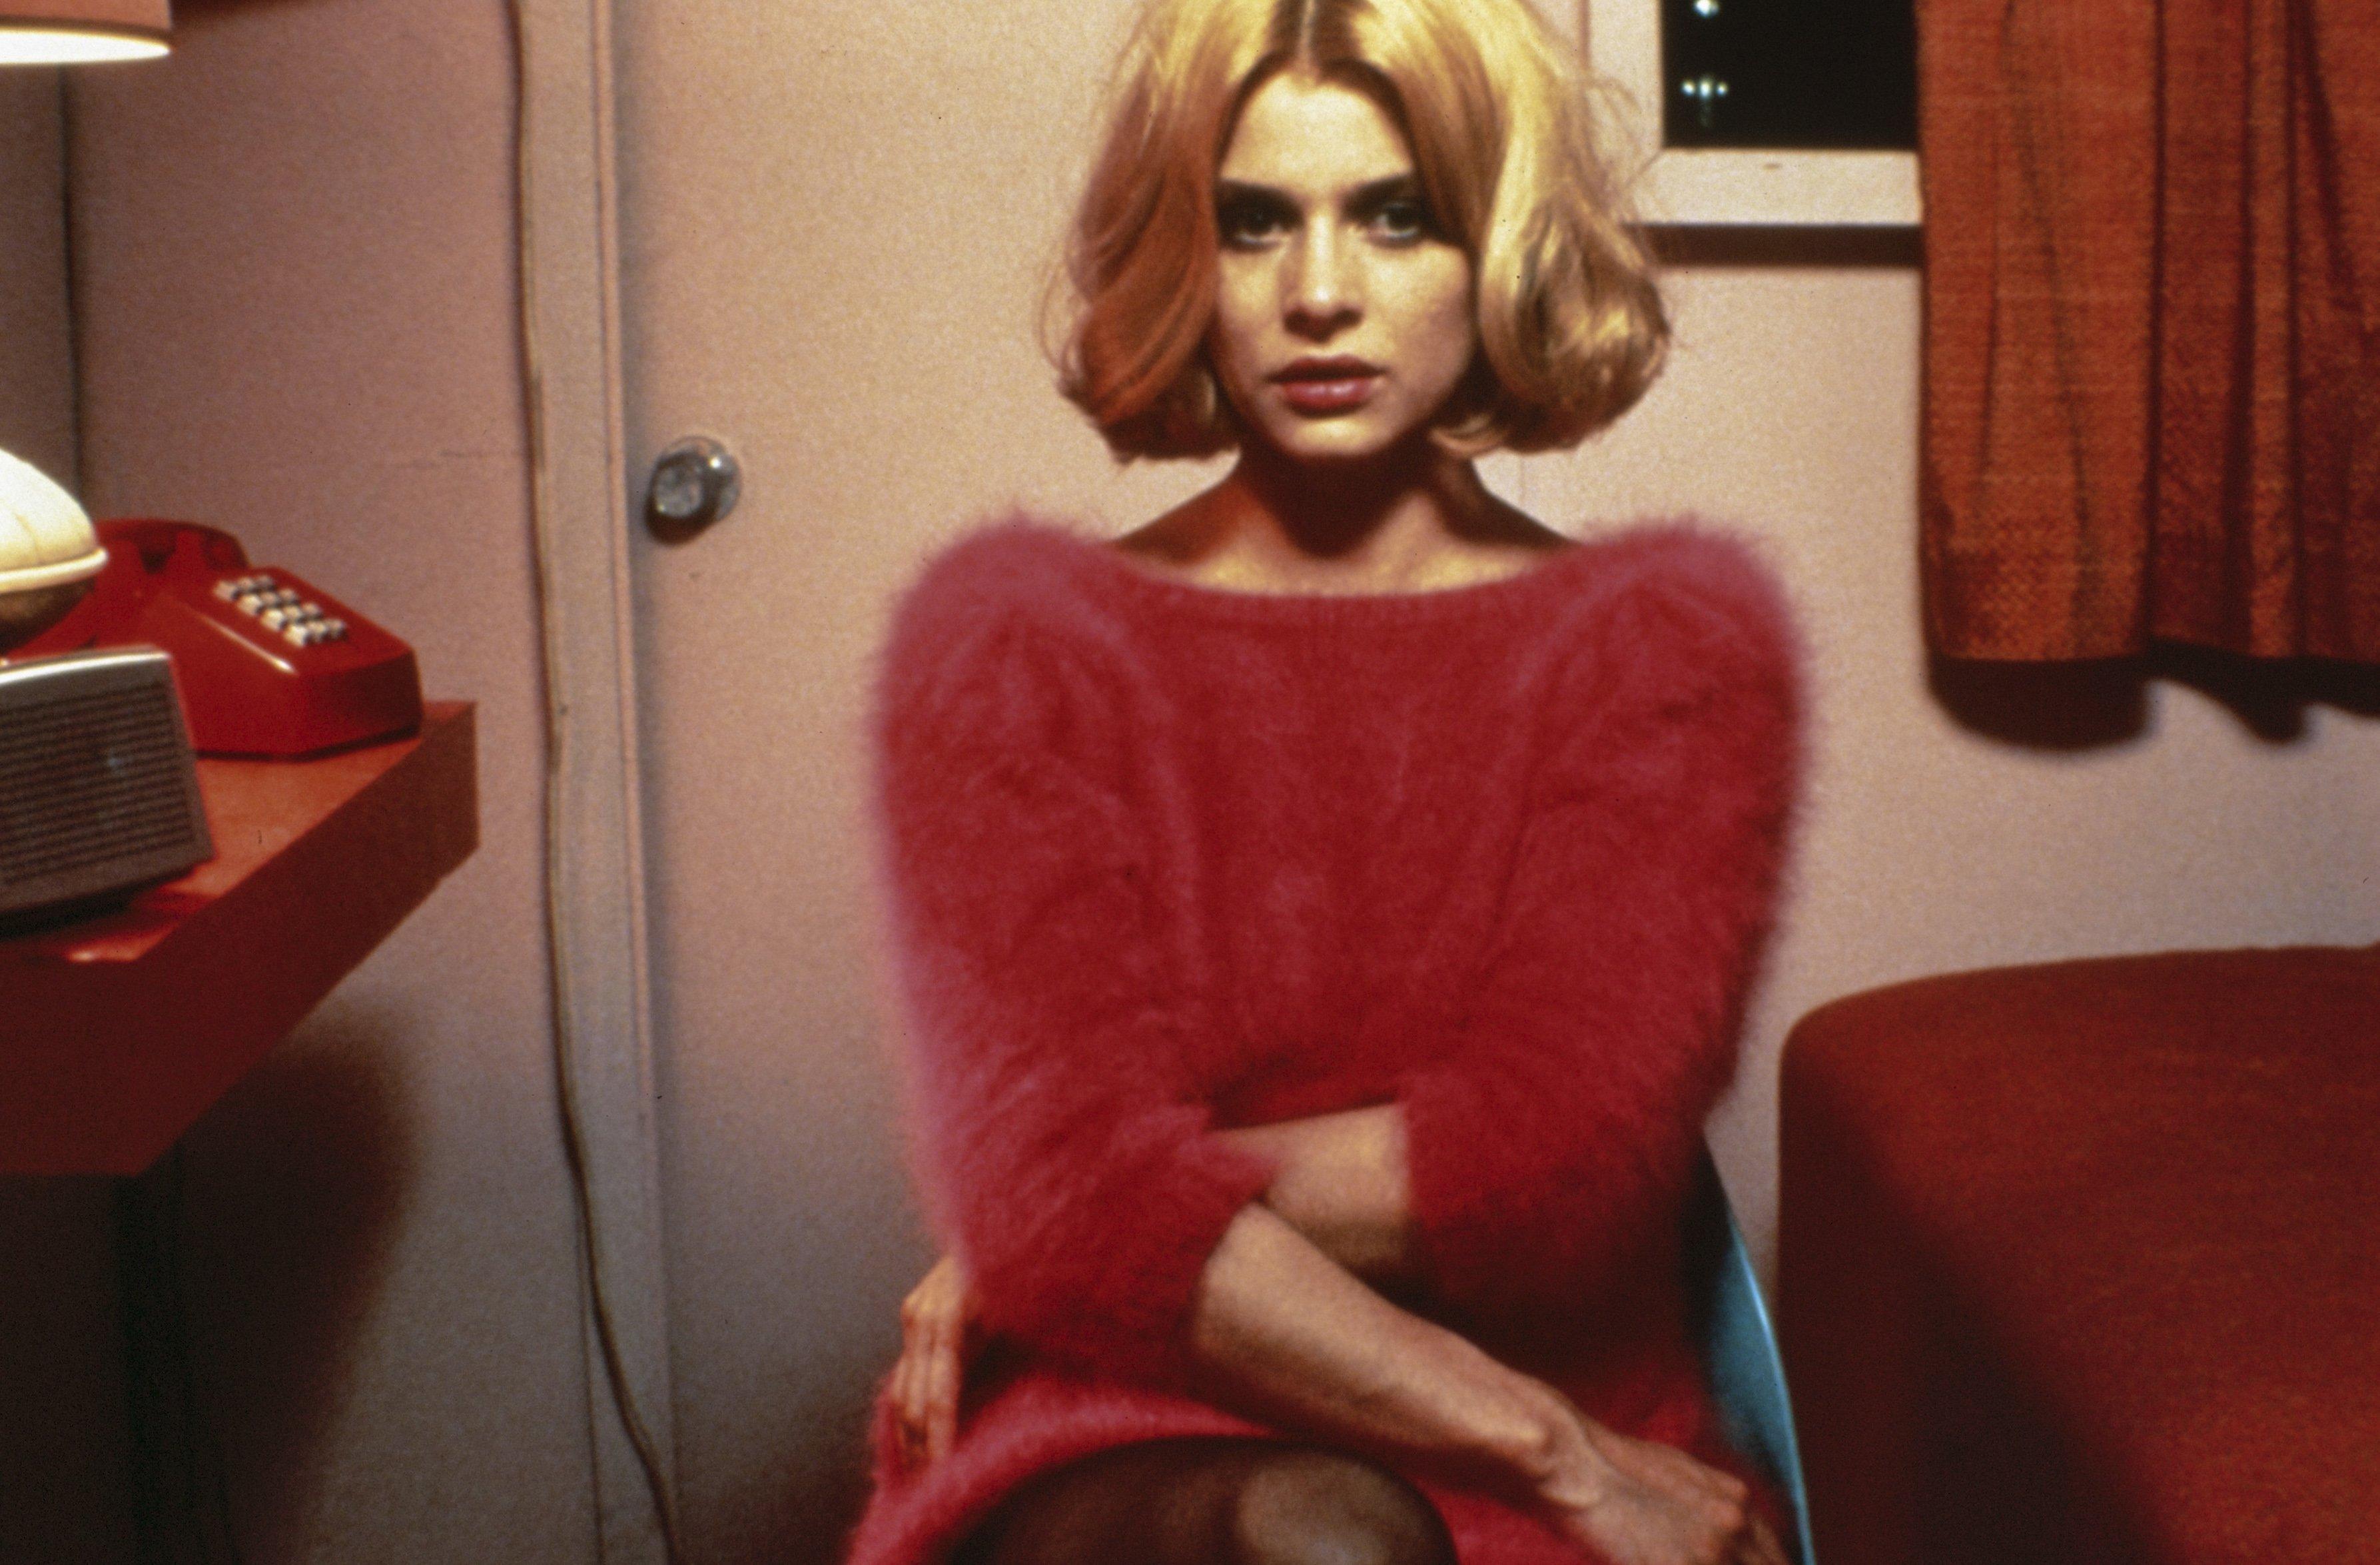 Szenenfoto von Natassja Kinski aus dem Film Paris, Texas (Frankreich, Bundesrepublik Deutschland 1984 Regie: Wim Wenders)